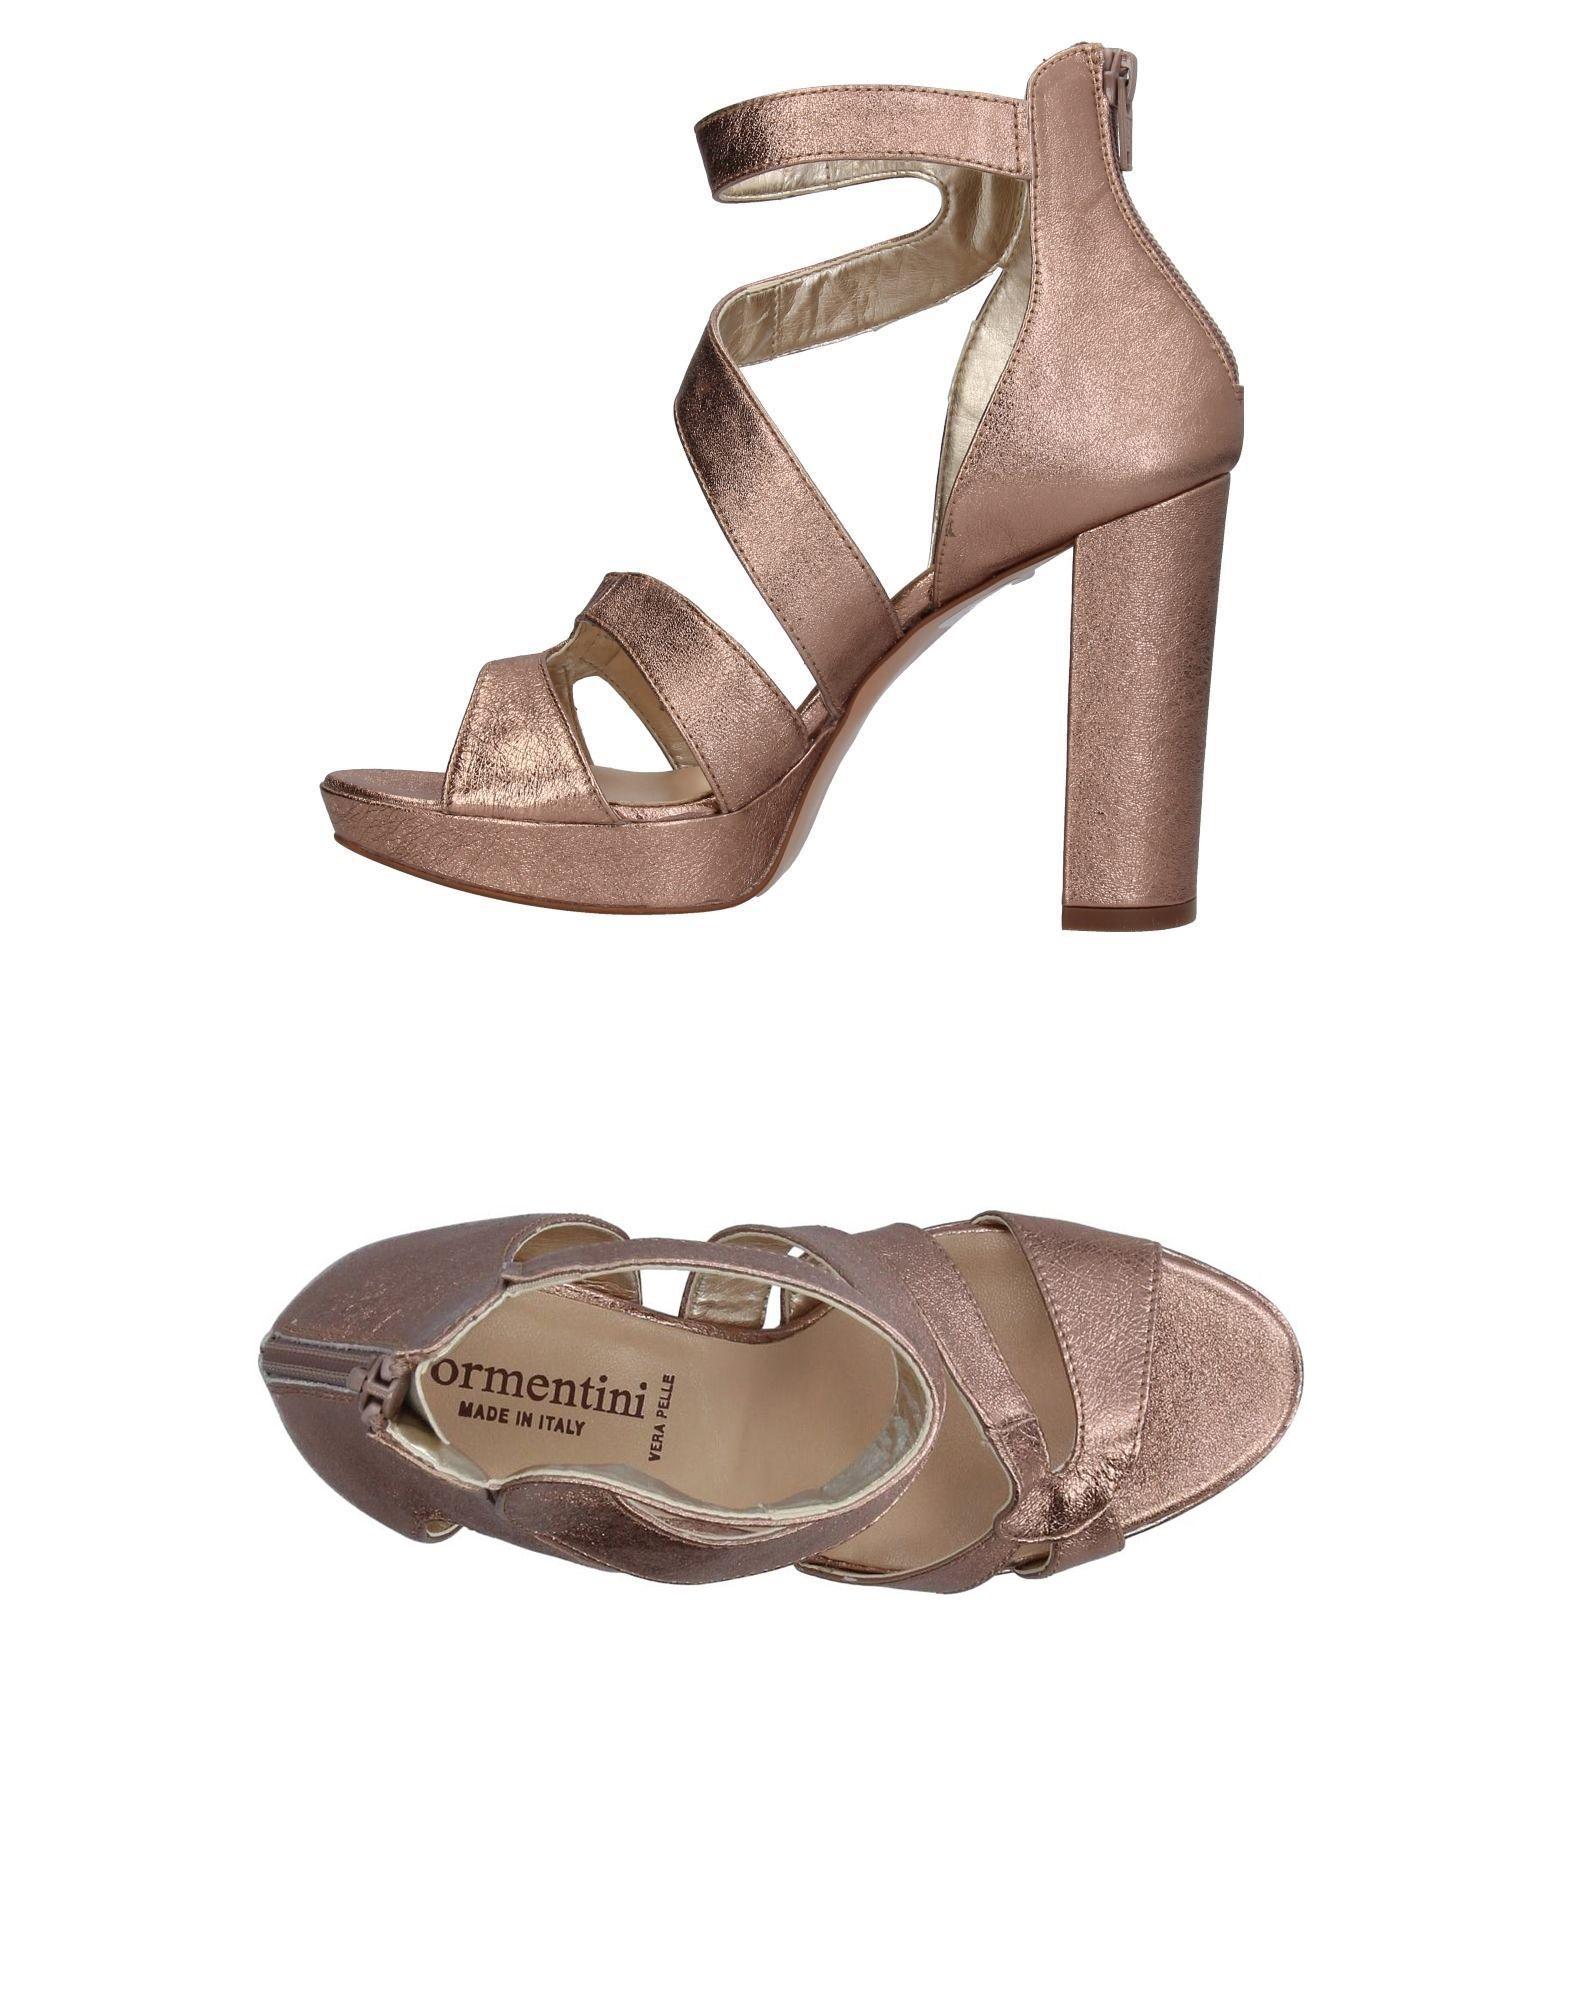 Moda Sandali Formentini Donna - 11375868LF 11375868LF - 0ba562